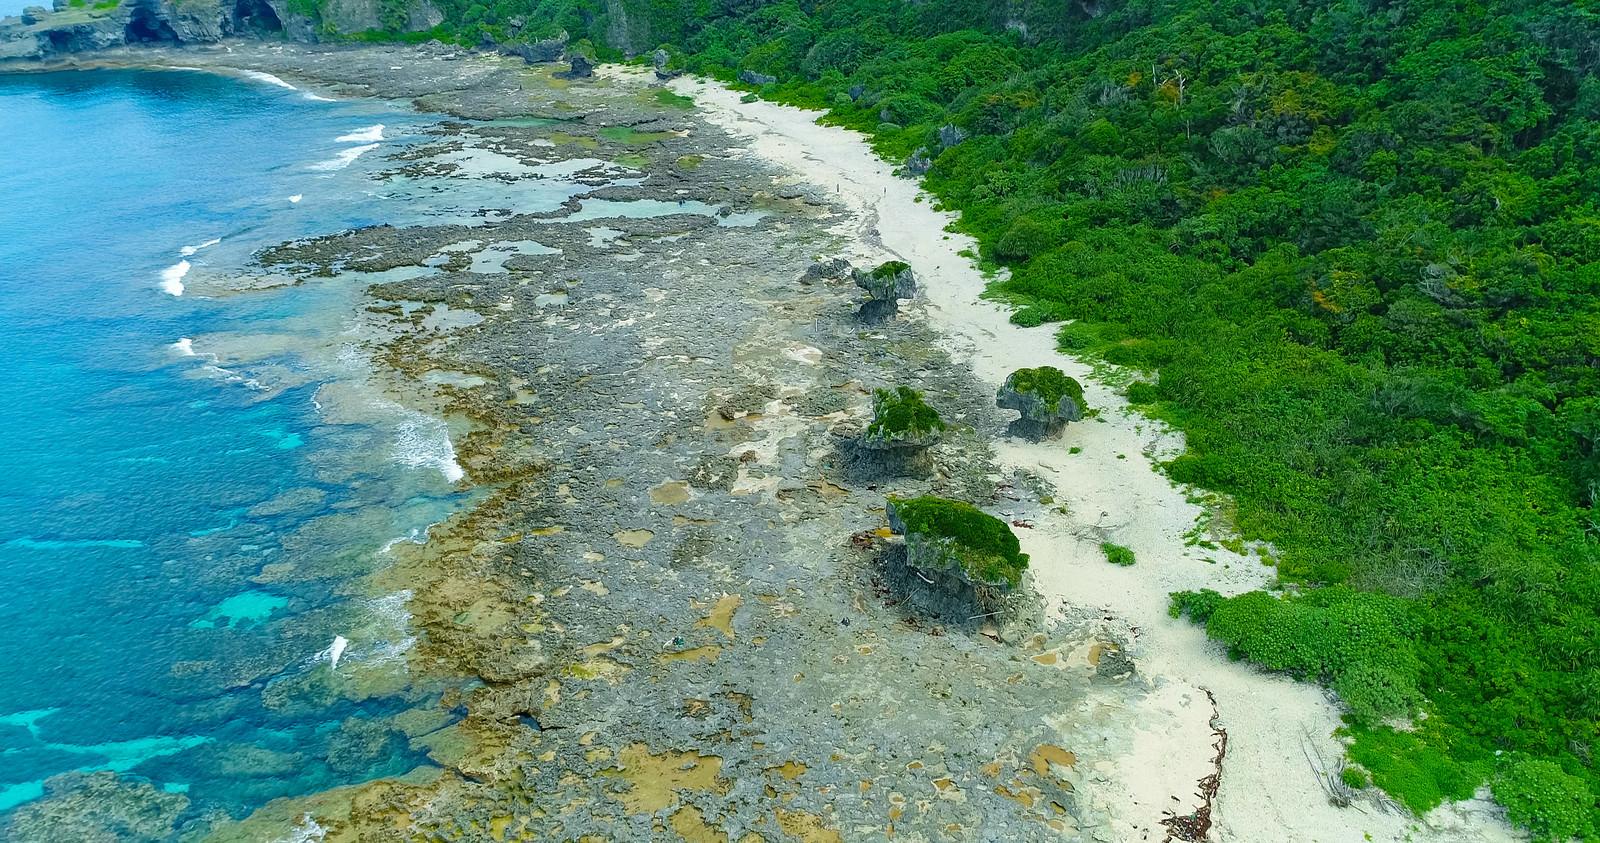 「犬の門蓋の奇岩と徳之島の青い海(空撮)」の写真